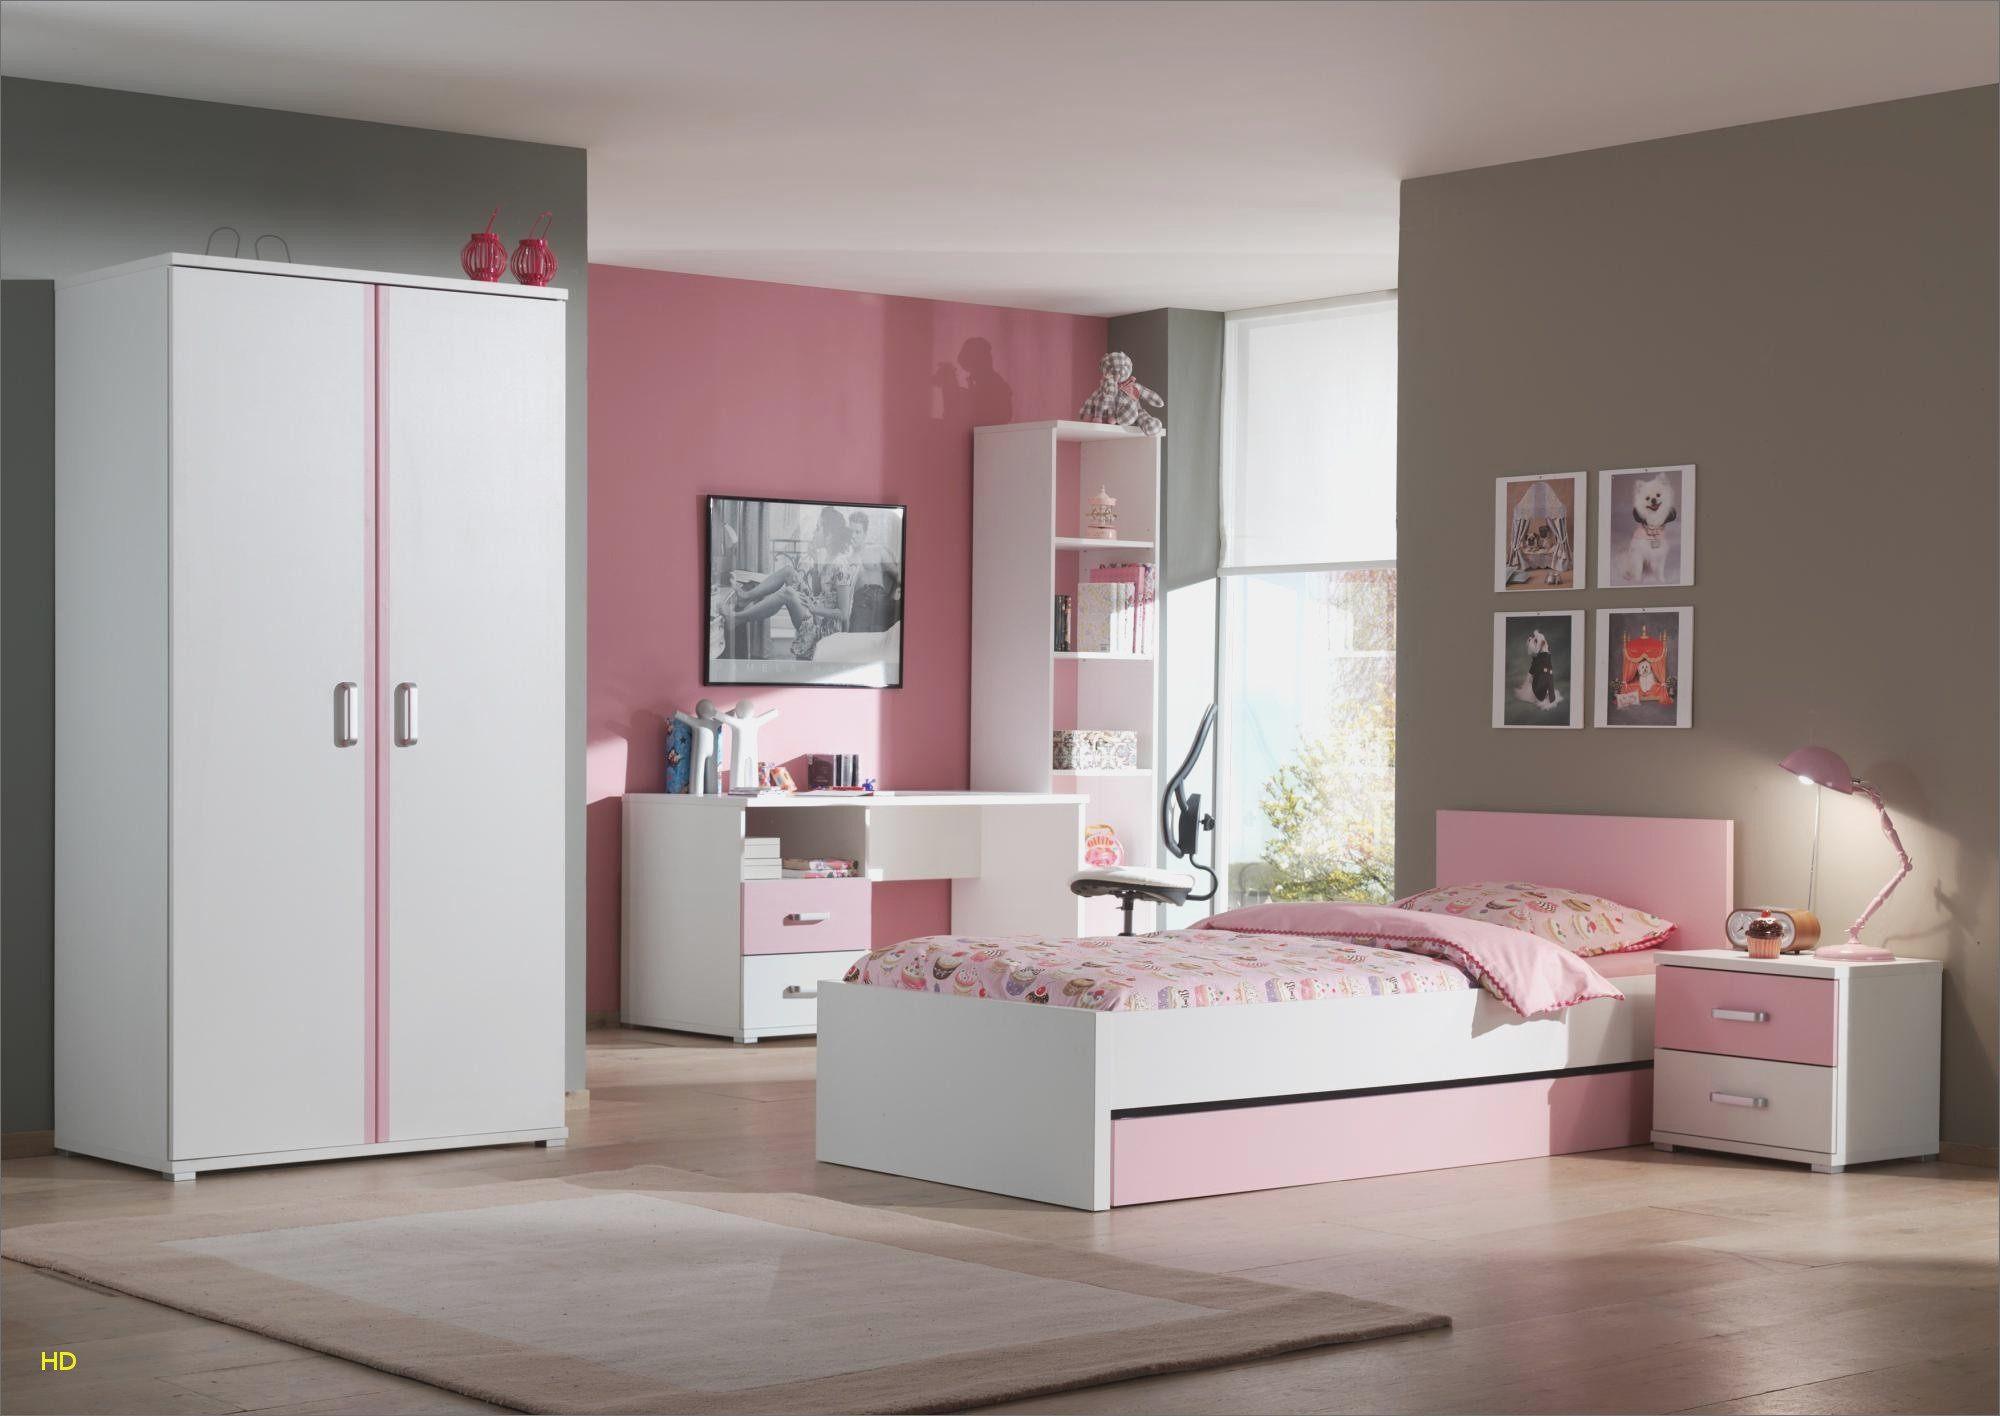 Lit Complet Enfant Nouveau Mignonne Chambre A Coucher Plete Enfant Et Lit Enfant Pin Lit